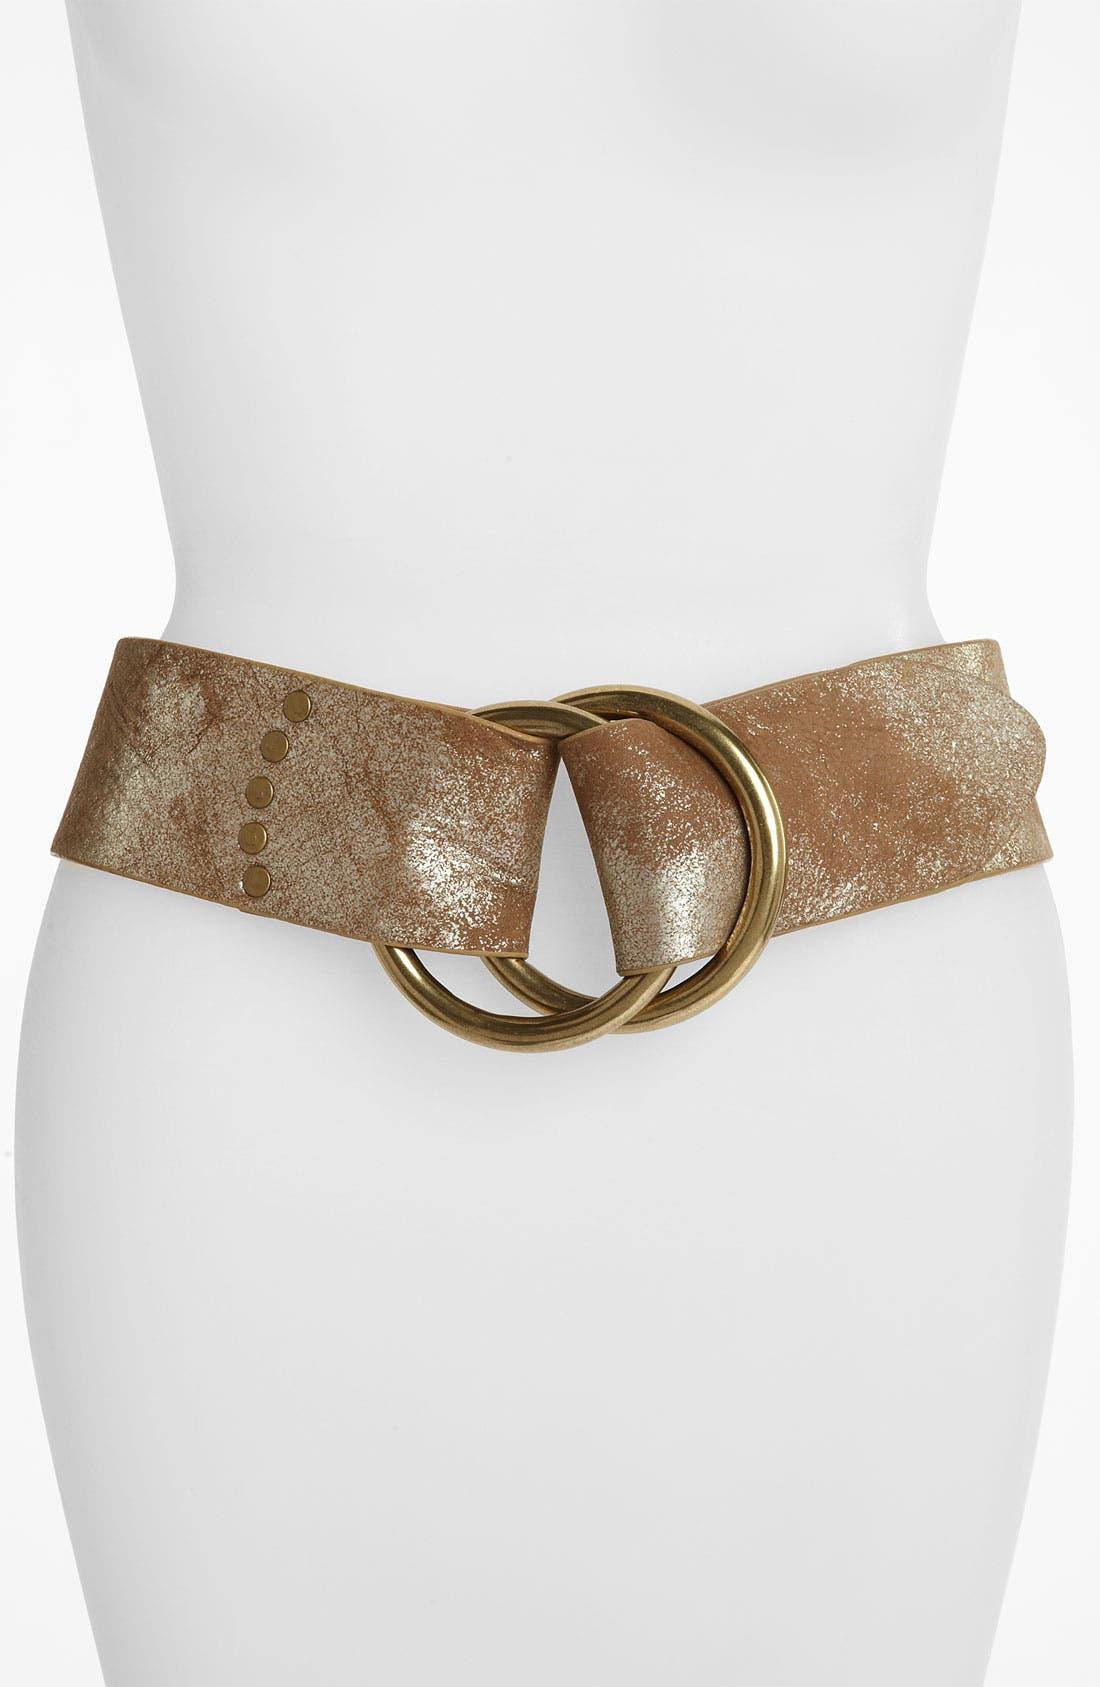 Alternate Image 1 Selected - Lauren Ralph Lauren Metallic Washed Leather Double Ring Belt